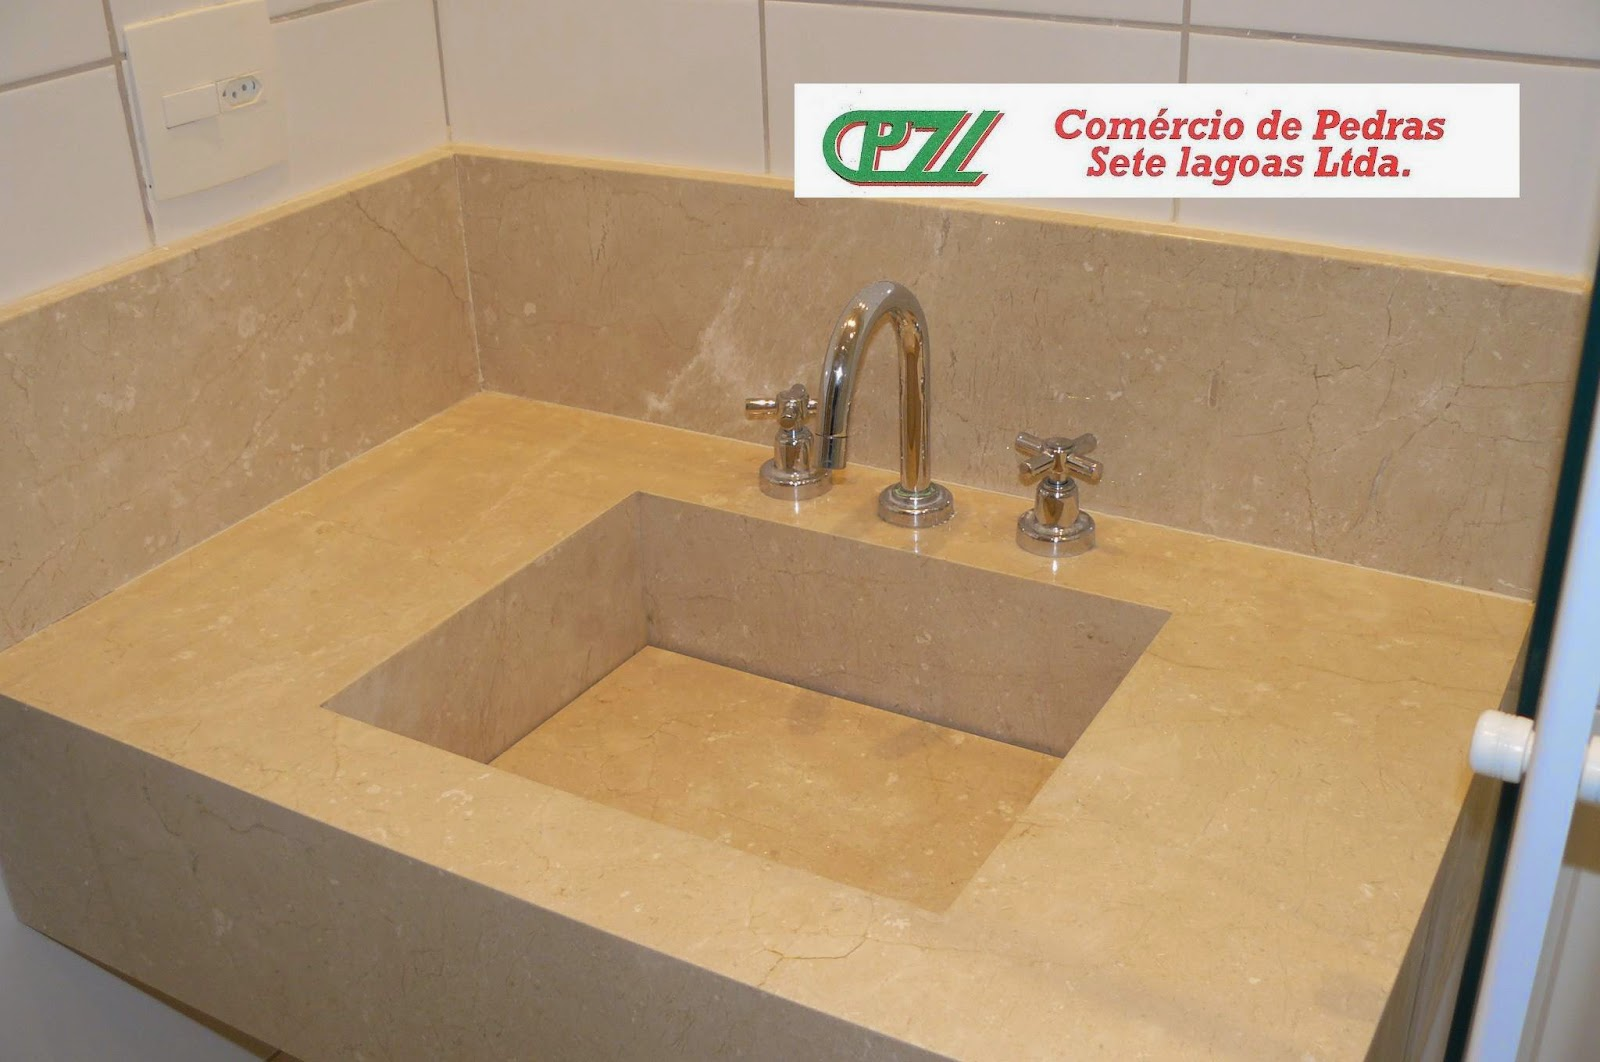 Banheiro Branco Prime  rinkratmagcom banheiros decorados 2017 -> Cuba Banheiro Esculpida